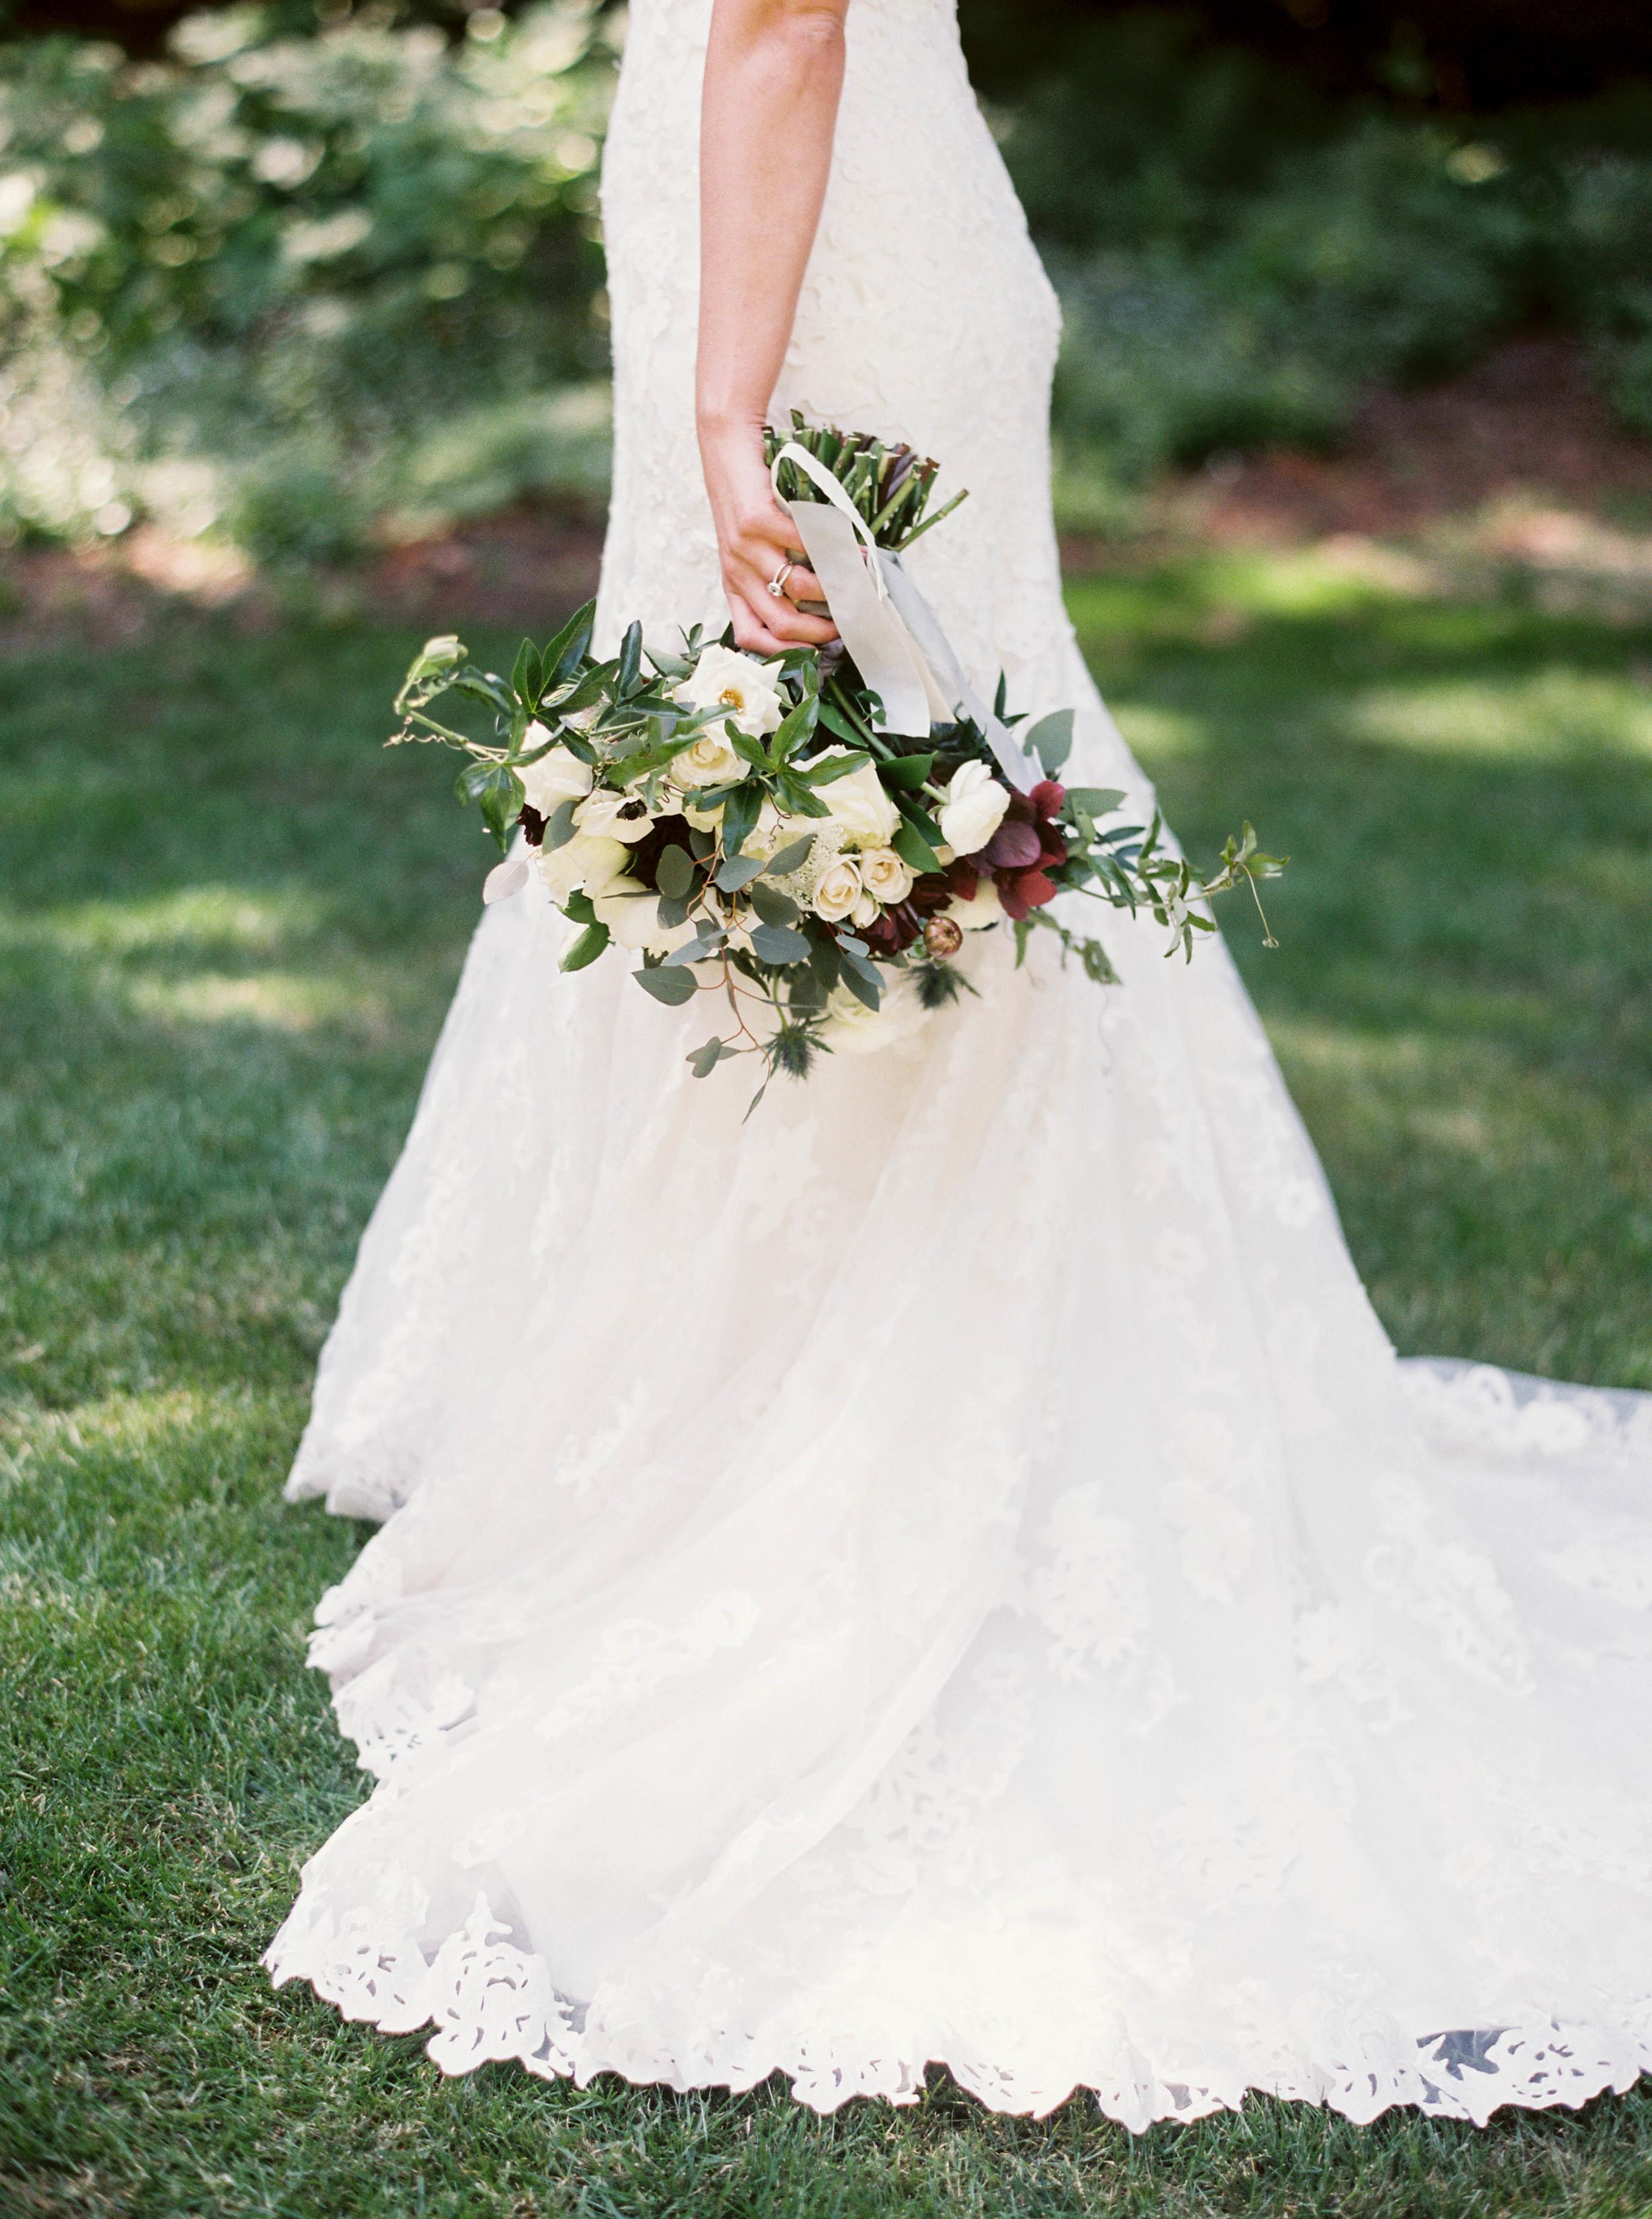 Meghan Mehan Photography - Alisa & Aaron_Nestldown Wedding - 152.jpg